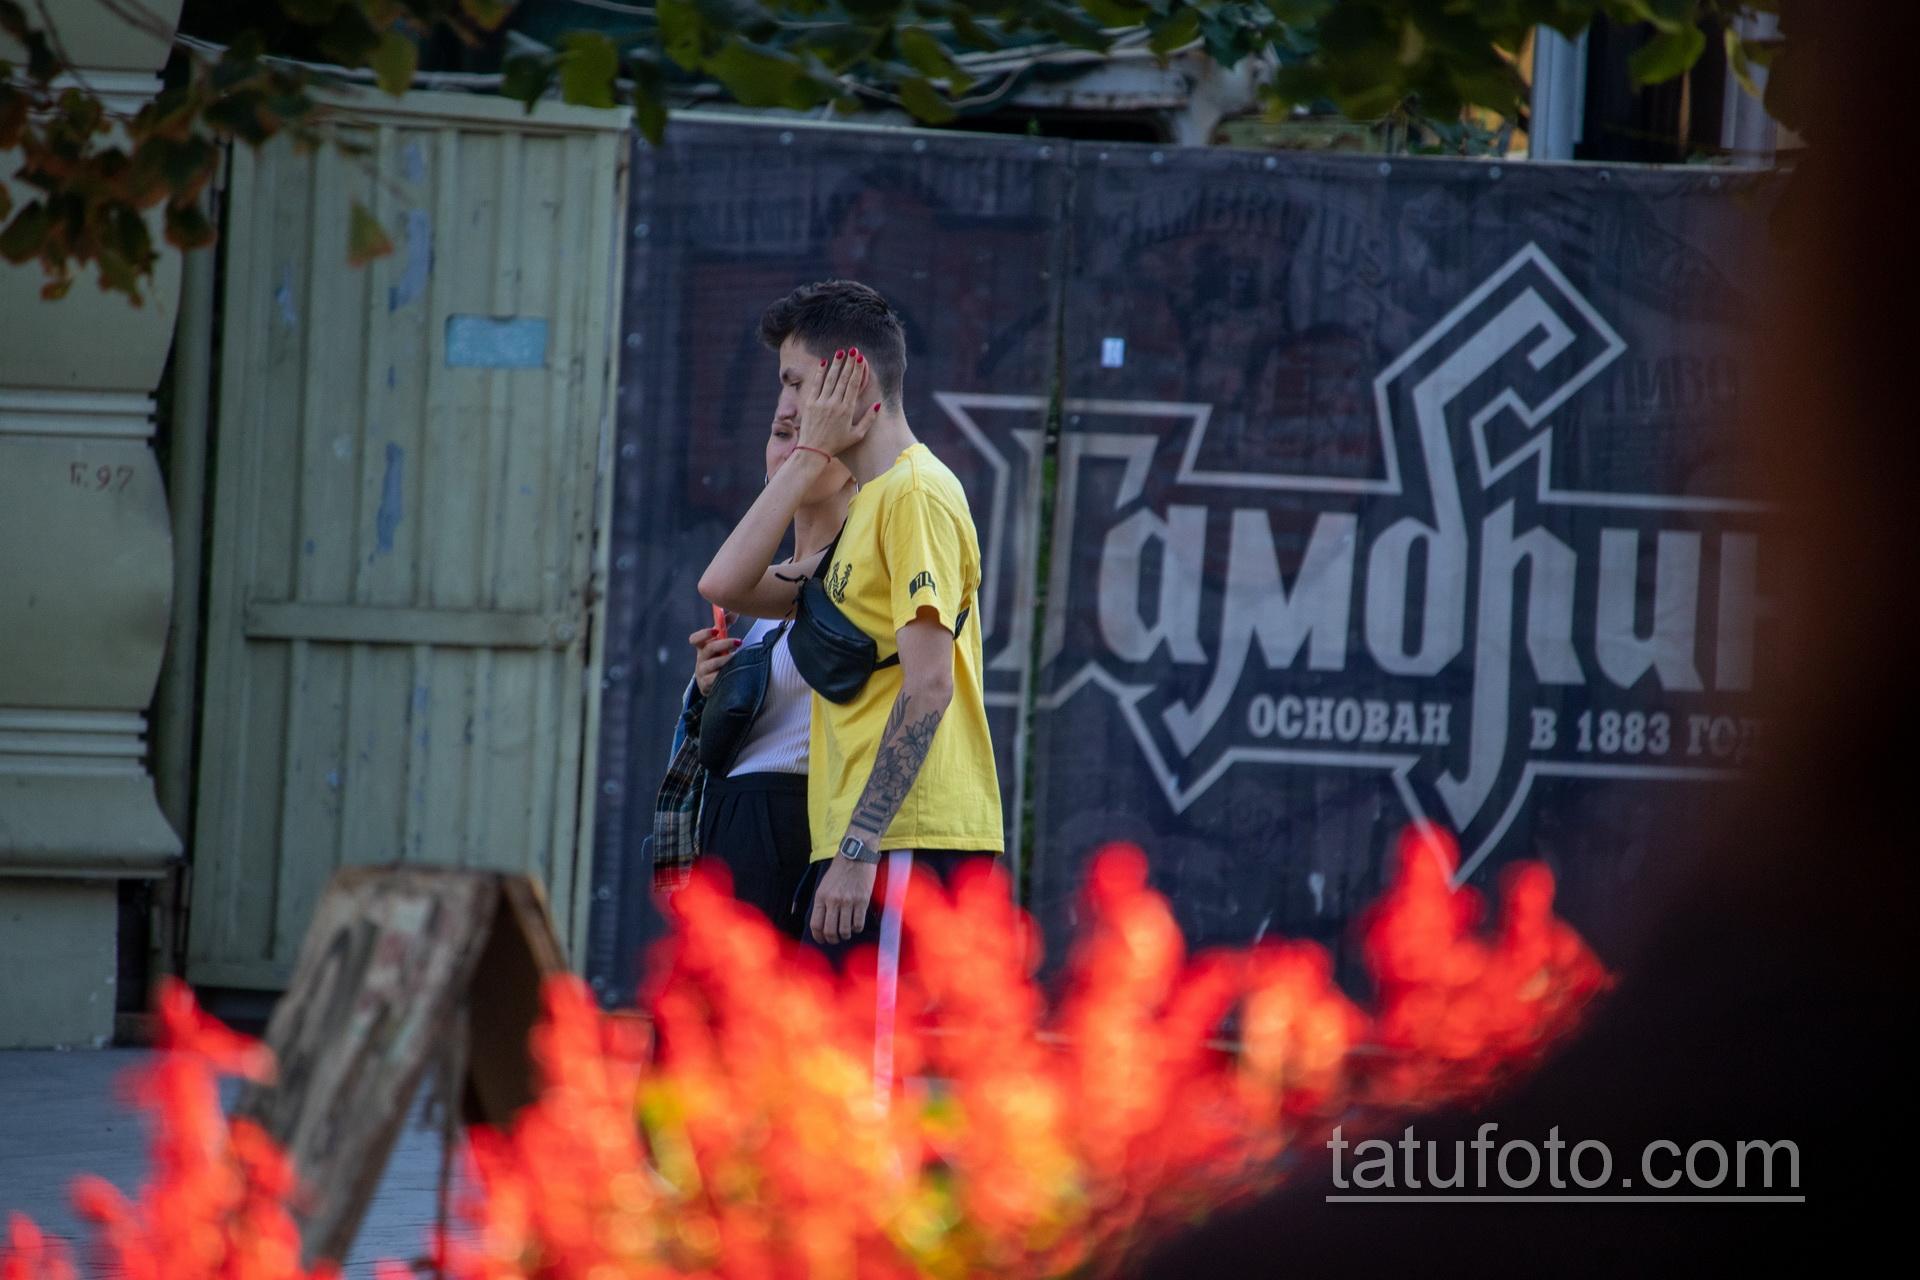 Тату цветы и клавиши на левой руке молодого парня – Уличная татуировка 14.09.2020 – tatufoto.com 4